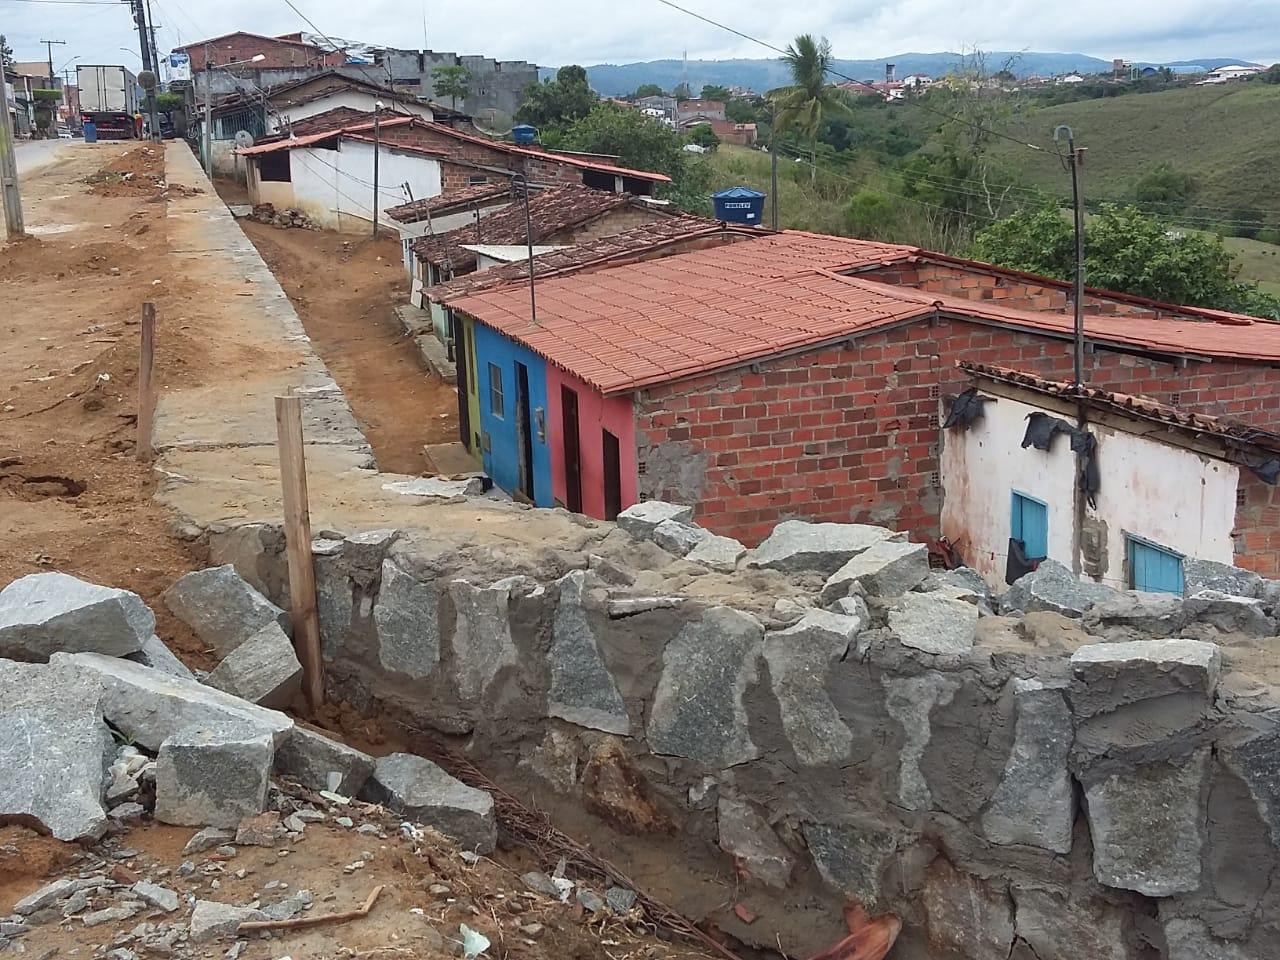 ENCOSTA CAI EM OBRA DO 'AMARGOSA TOP' E PREOCUPA MORADORES DA AVENIDA SÃO CRISTÓVÃO